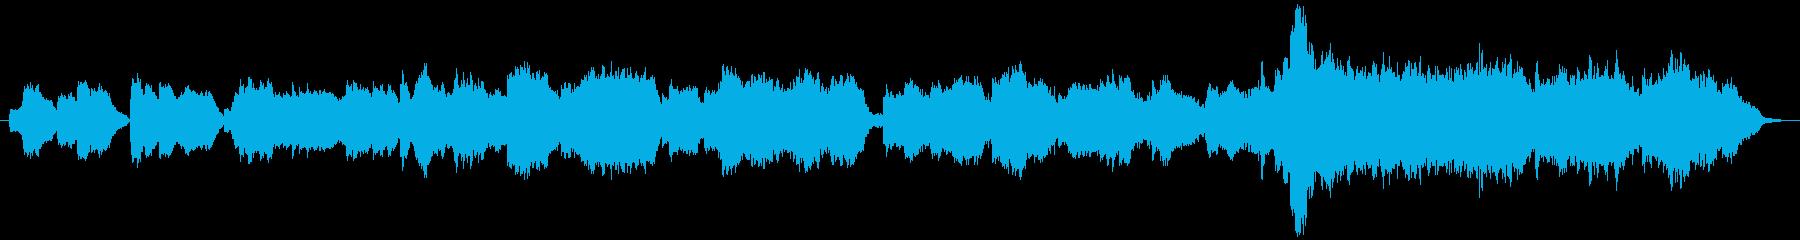 ピアノと木管とストリングスの穏やかな曲の再生済みの波形